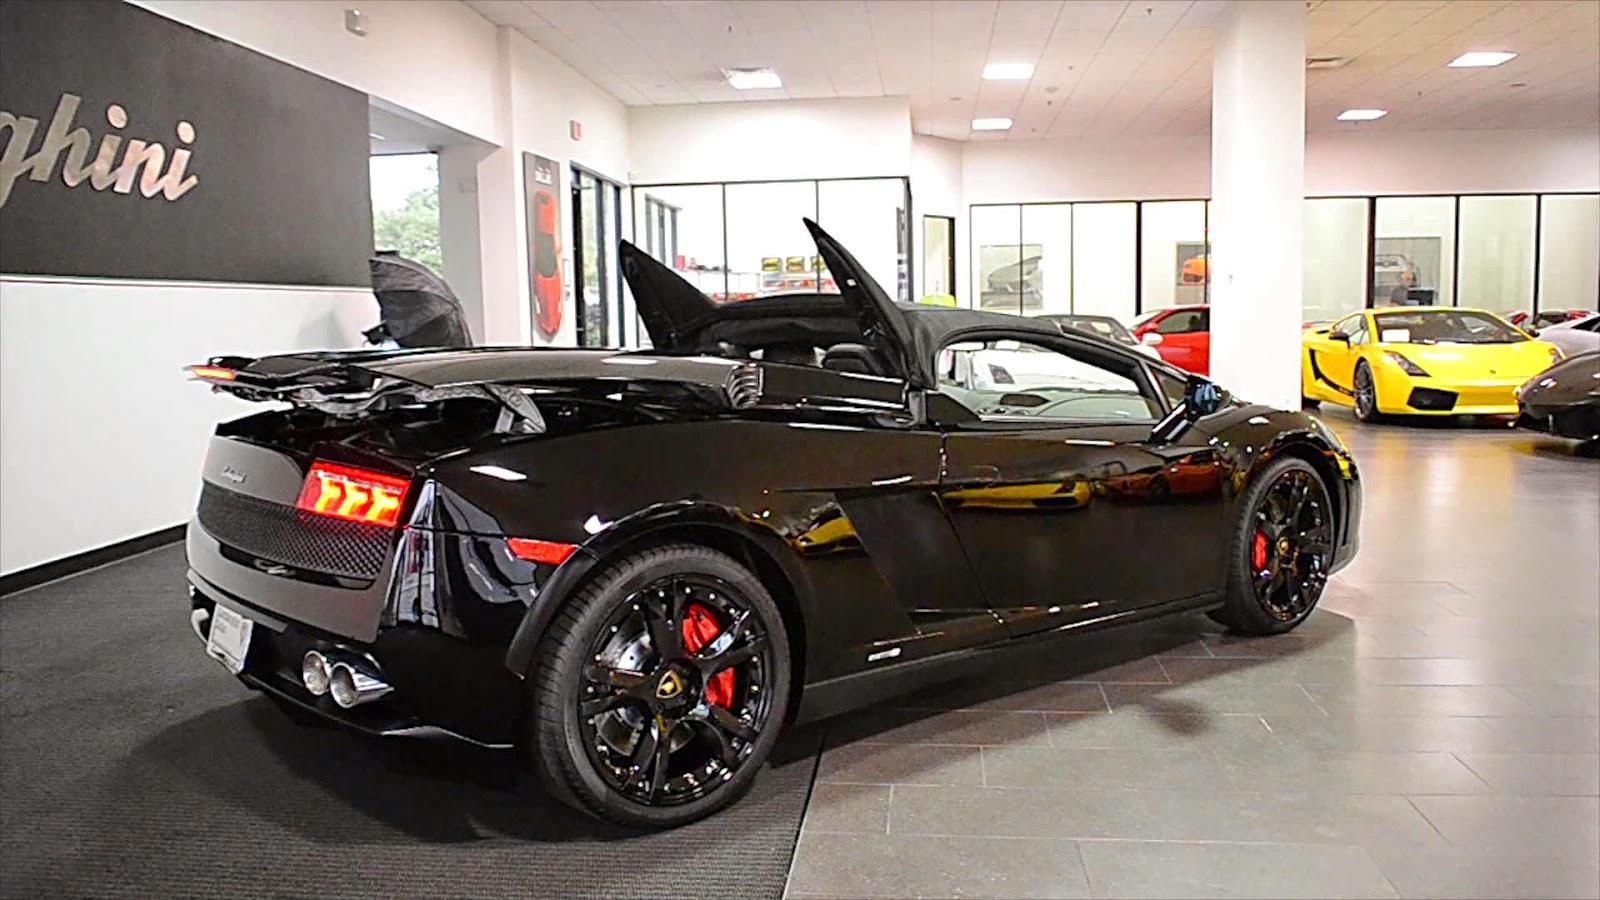 mobil lamborghini hitam